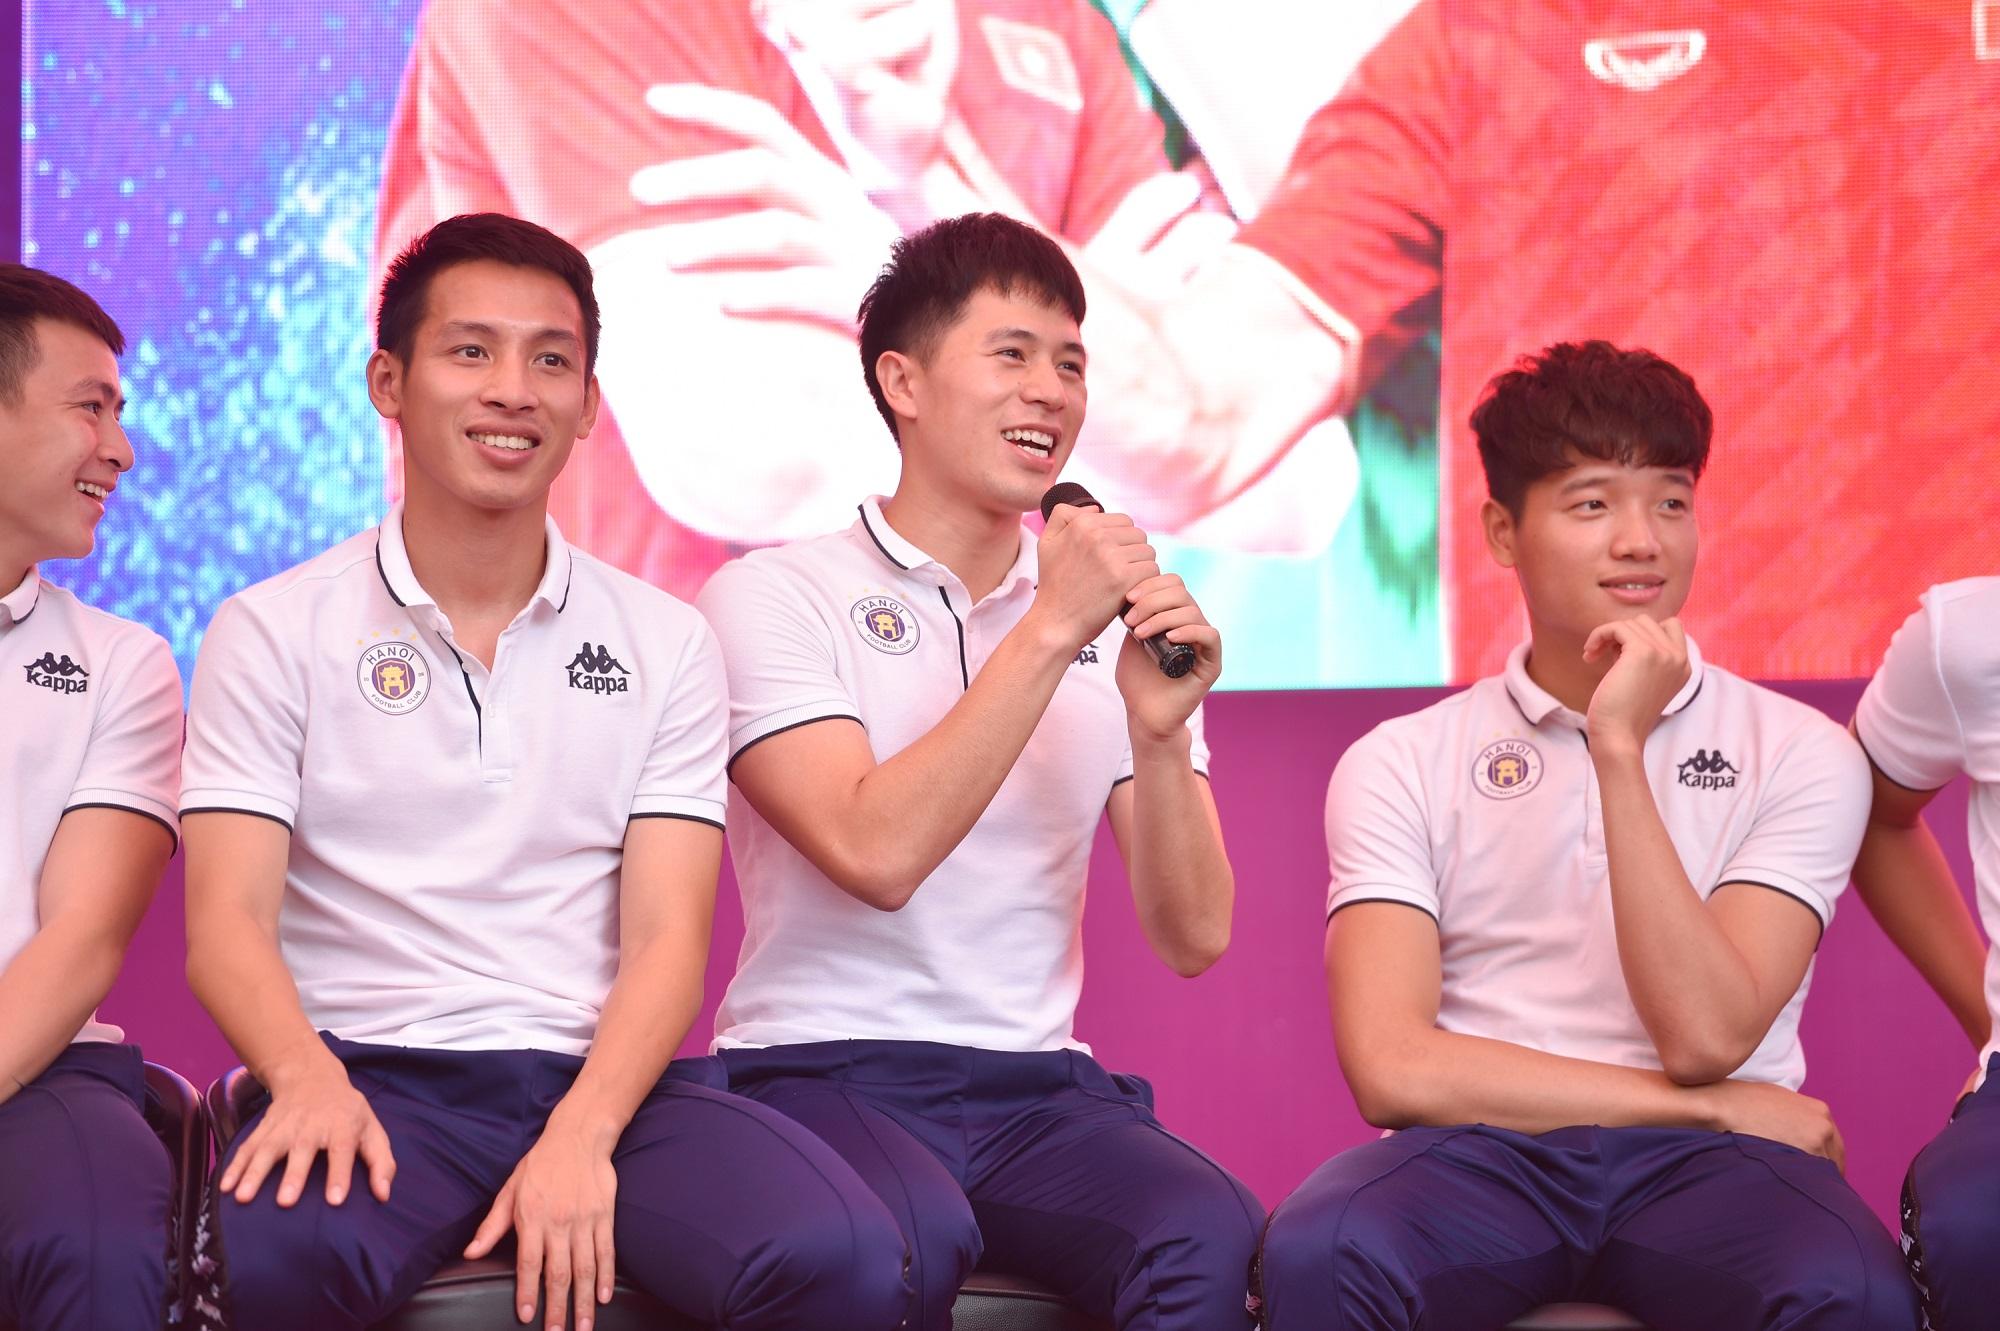 CLB bóng đá Hà Nội tổ chức sinh nhật cho Duy Mạnh ở trường THCS Marie Curie  - Ảnh 2